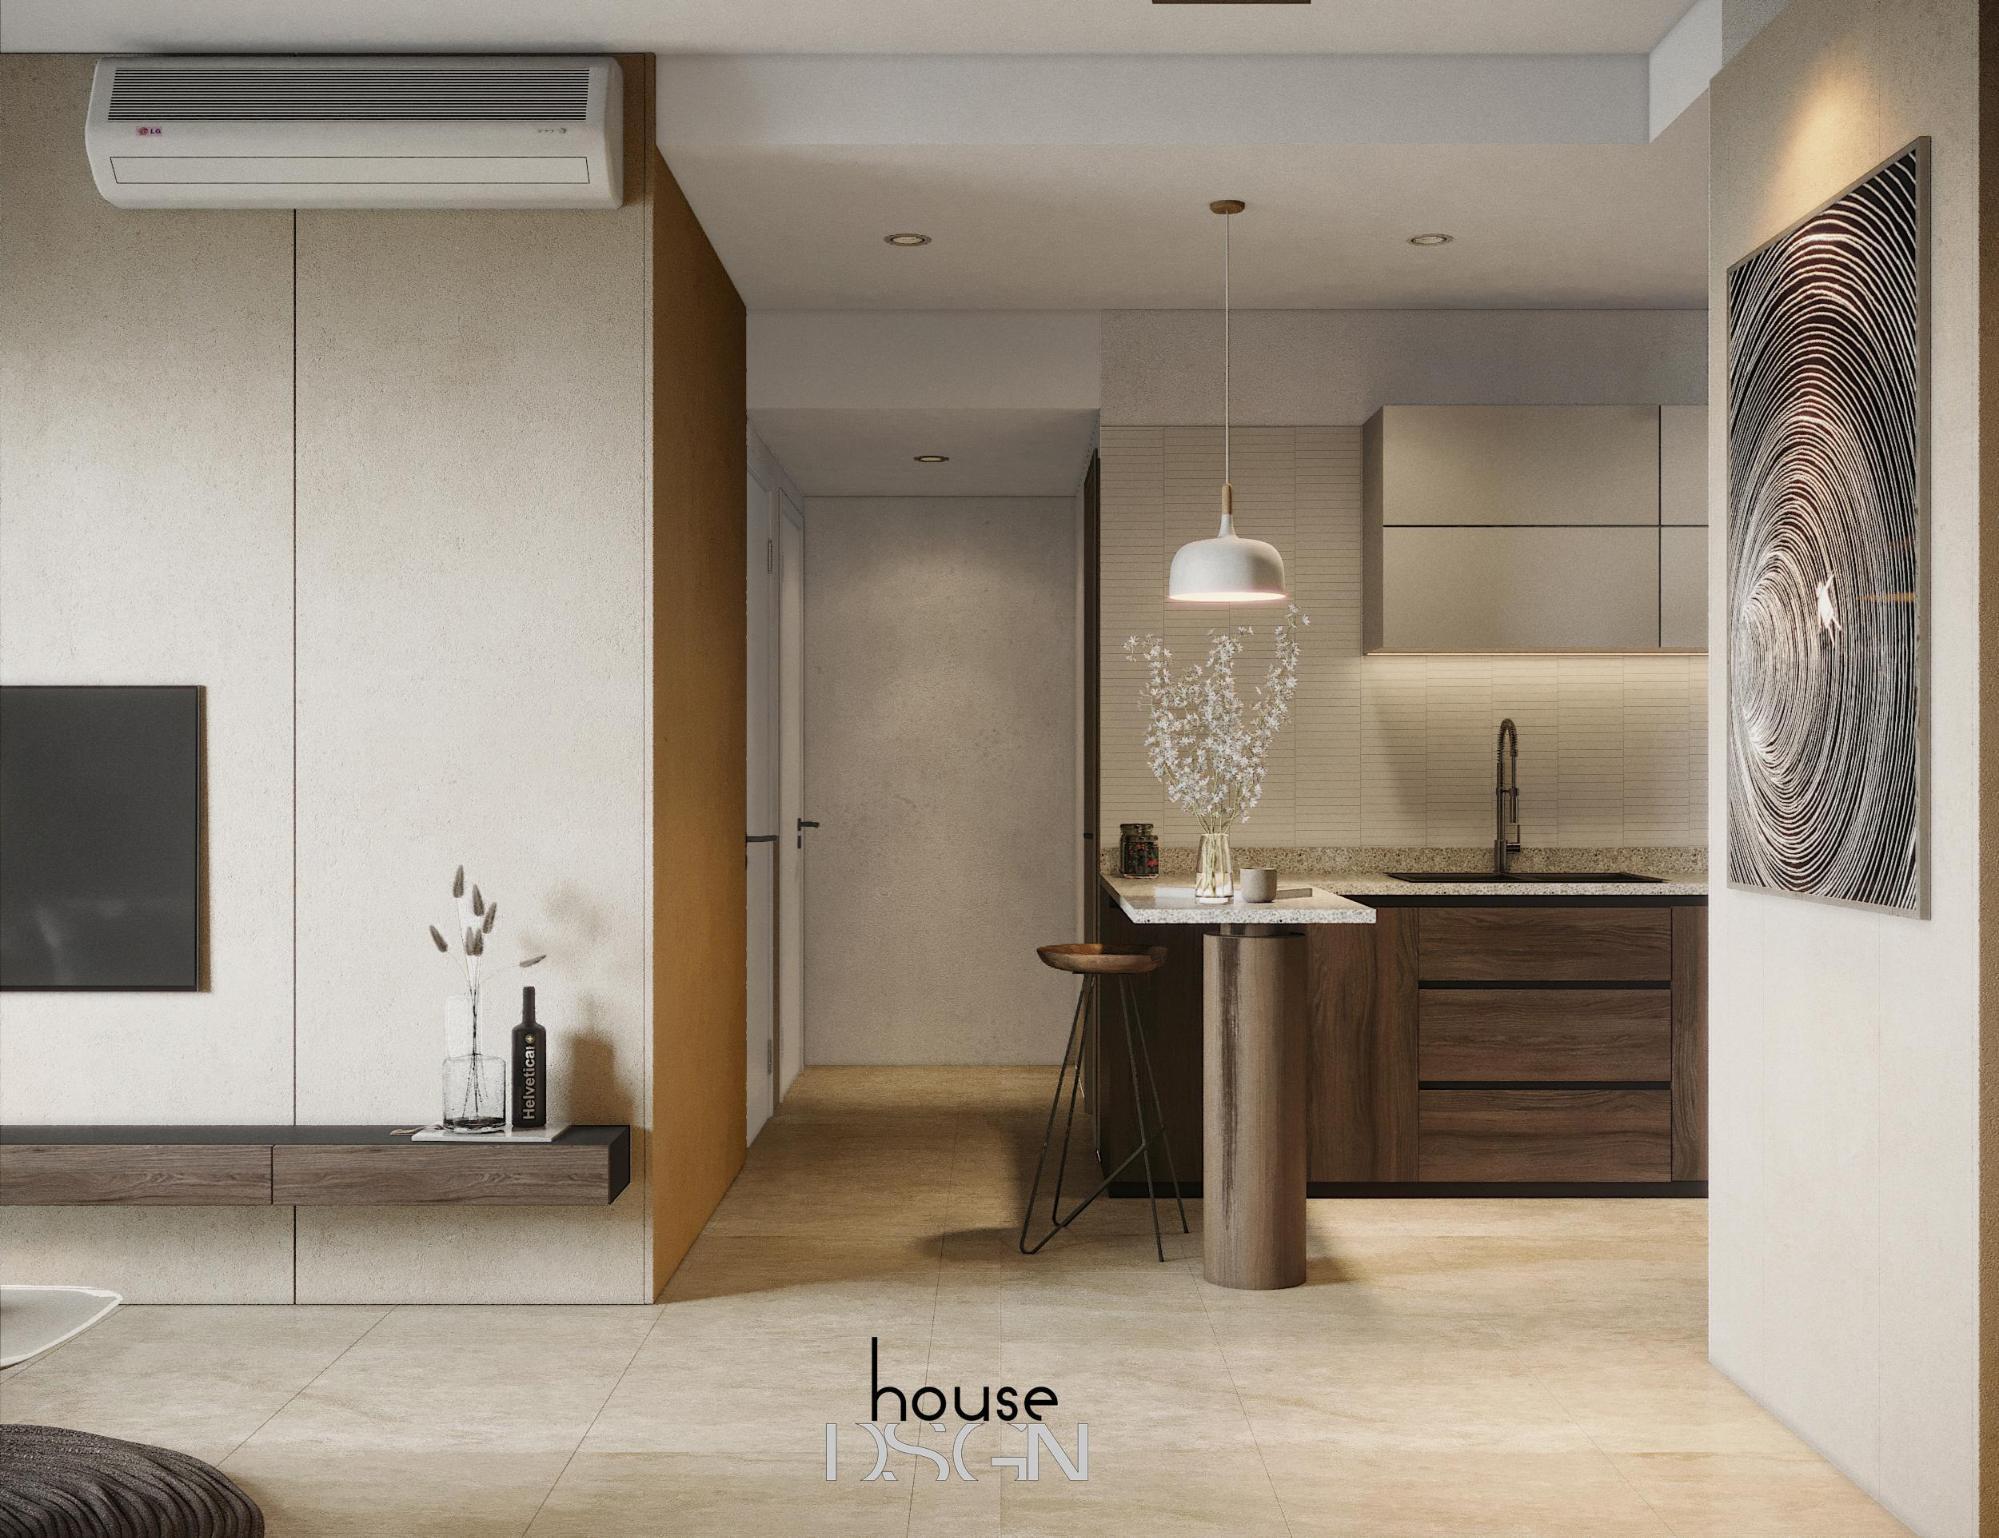 không gian sống với nội thất phong cách đương đại